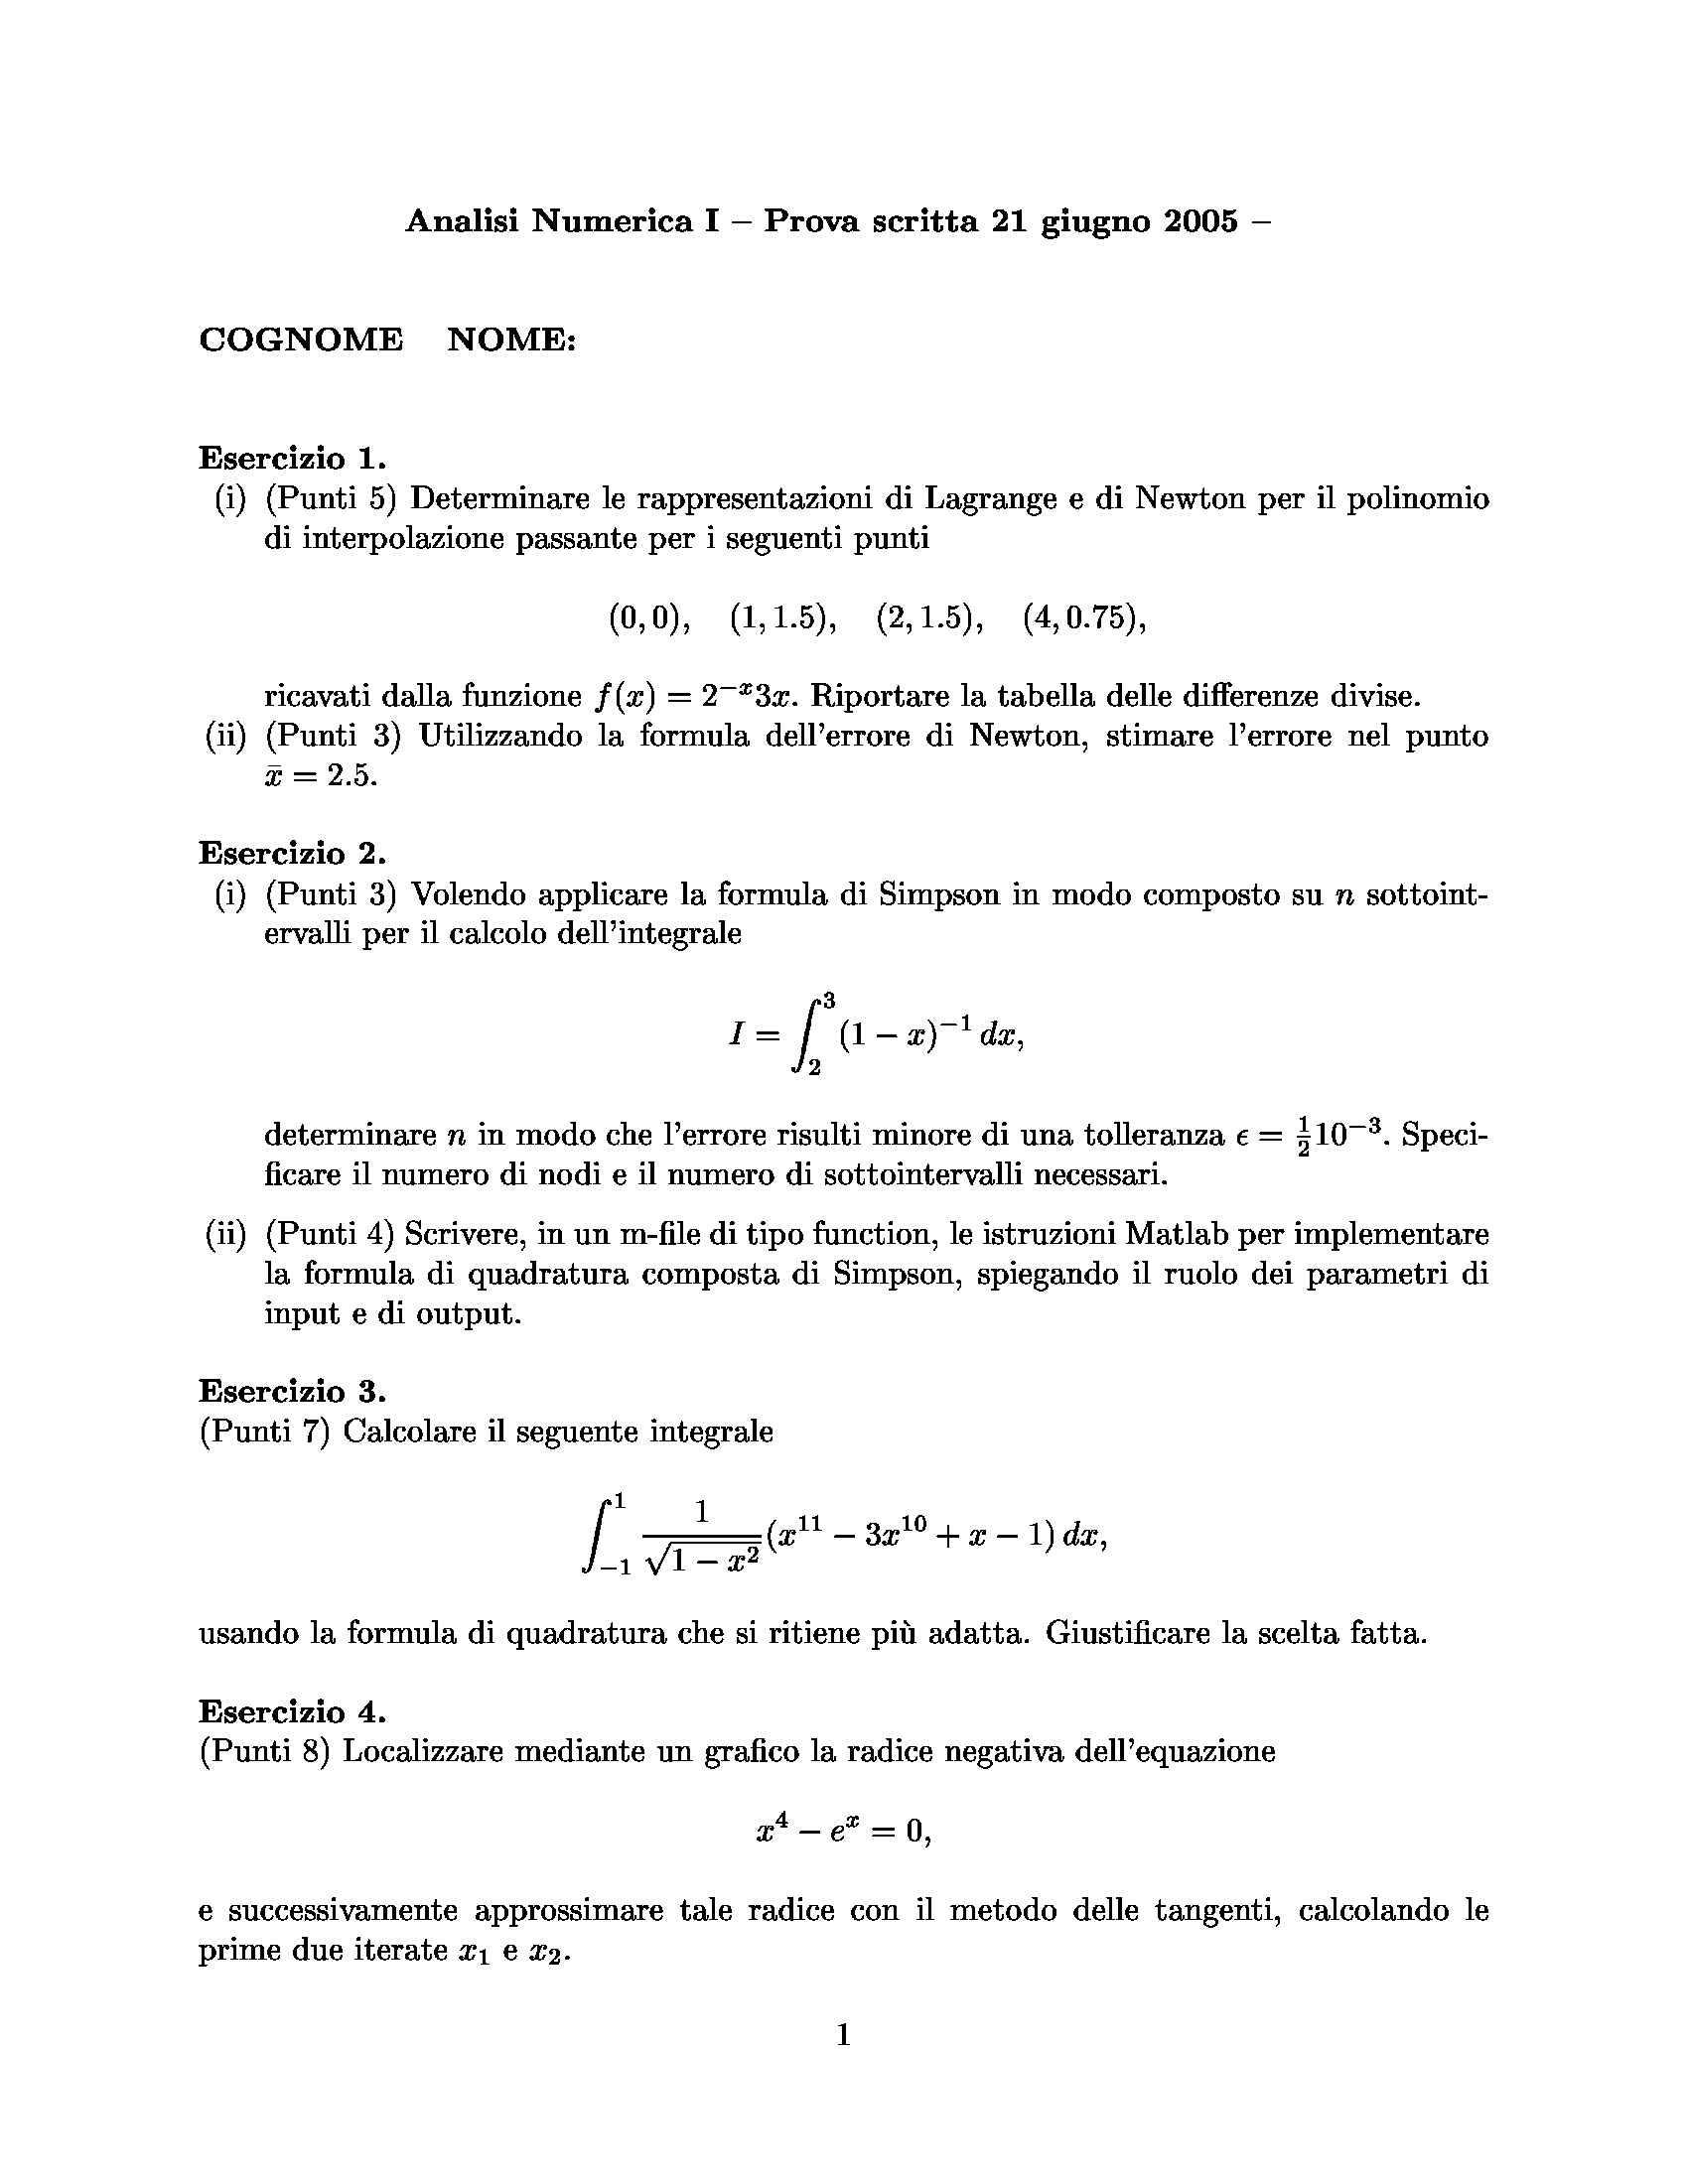 Analisi Numerica - esercizi